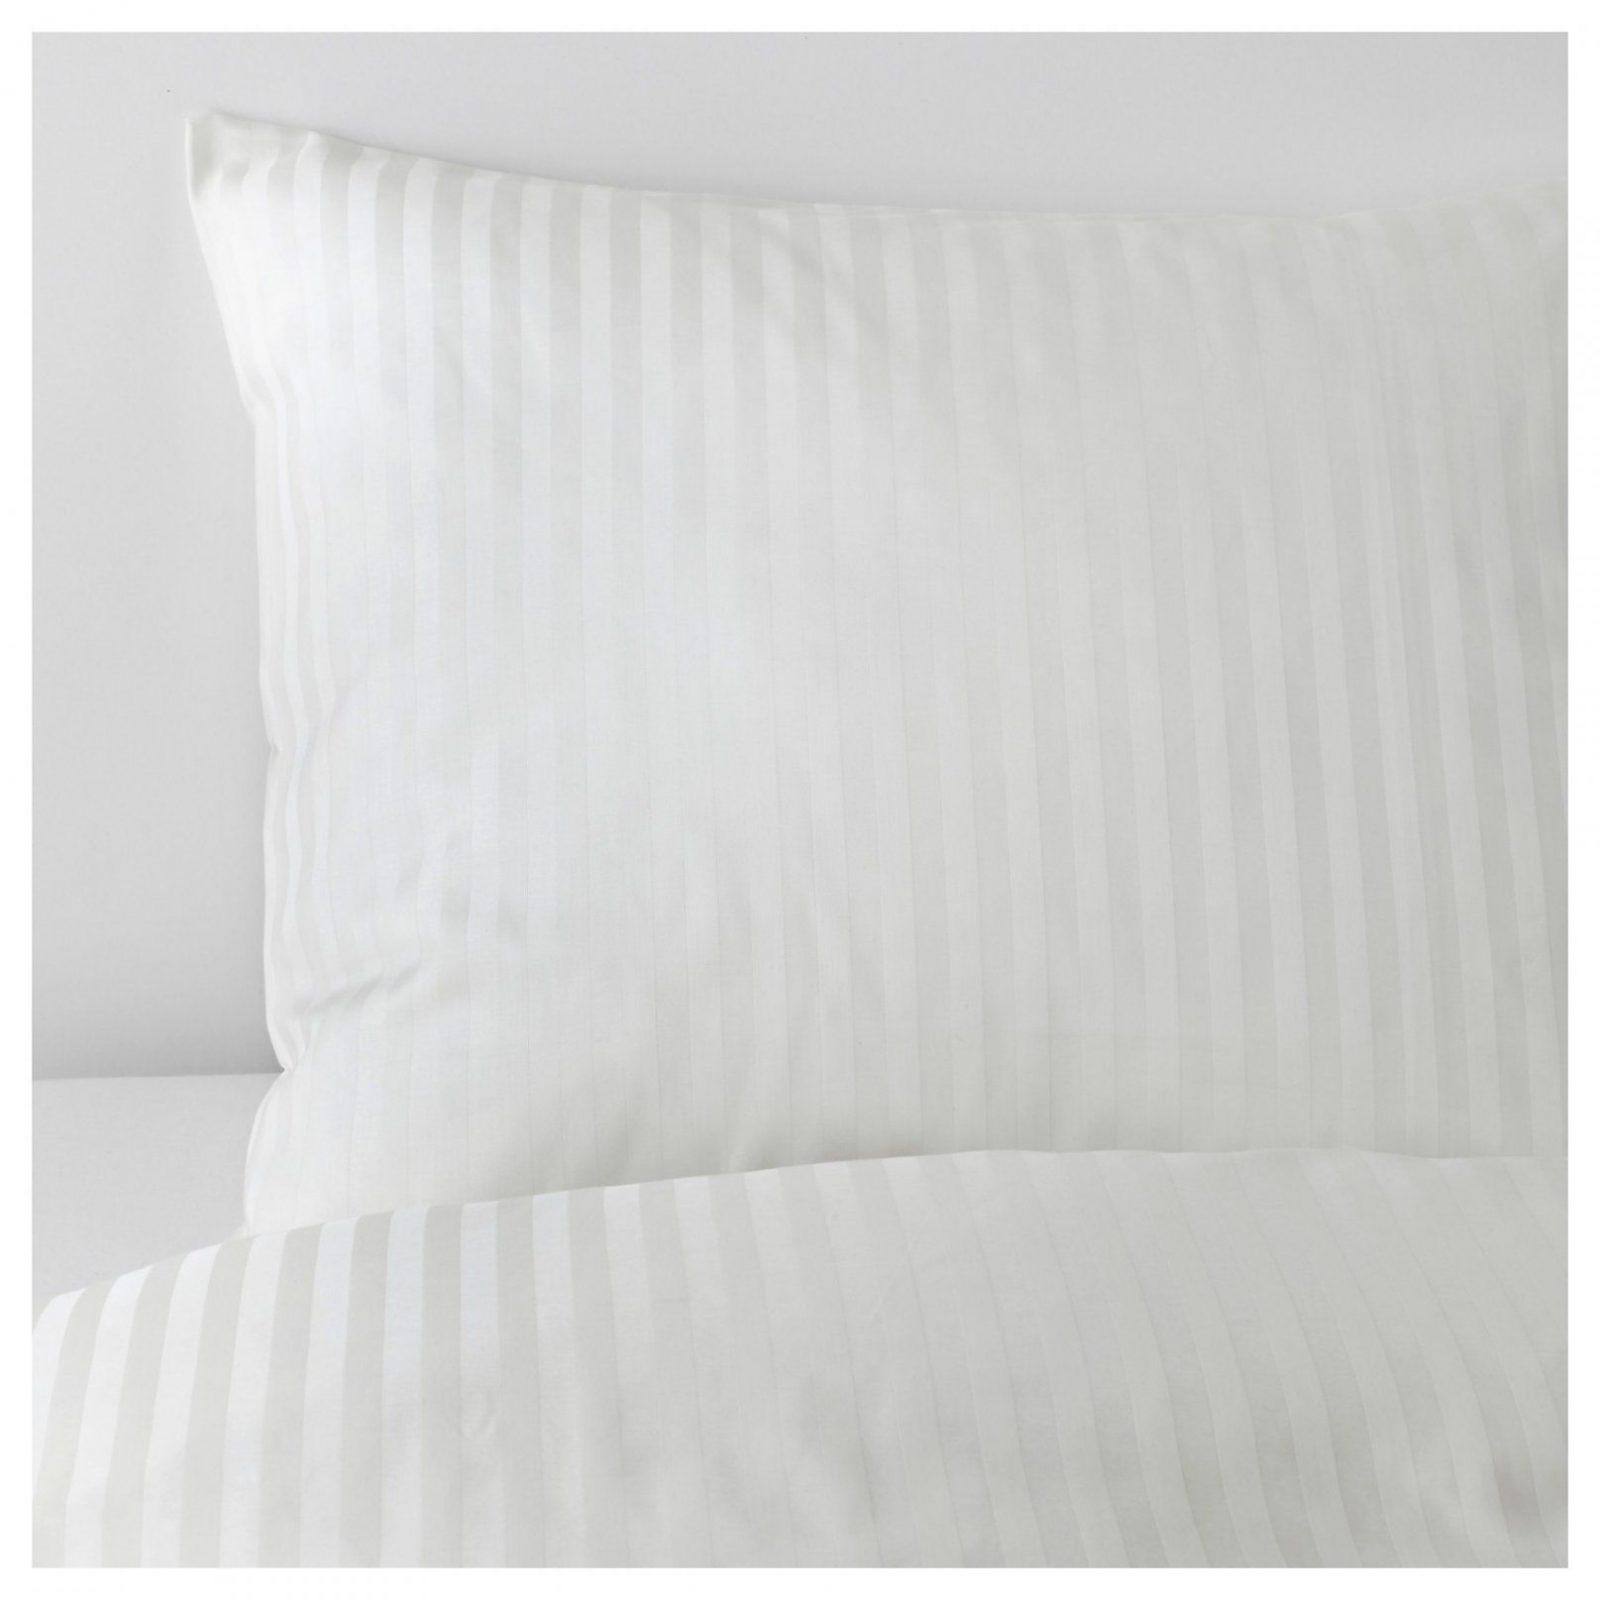 Neueste Bettwäsche Günstig Online Kaufen Ikea Zum Bettwäsche Schwarz von Bettwäsche 200X220 Ikea Photo